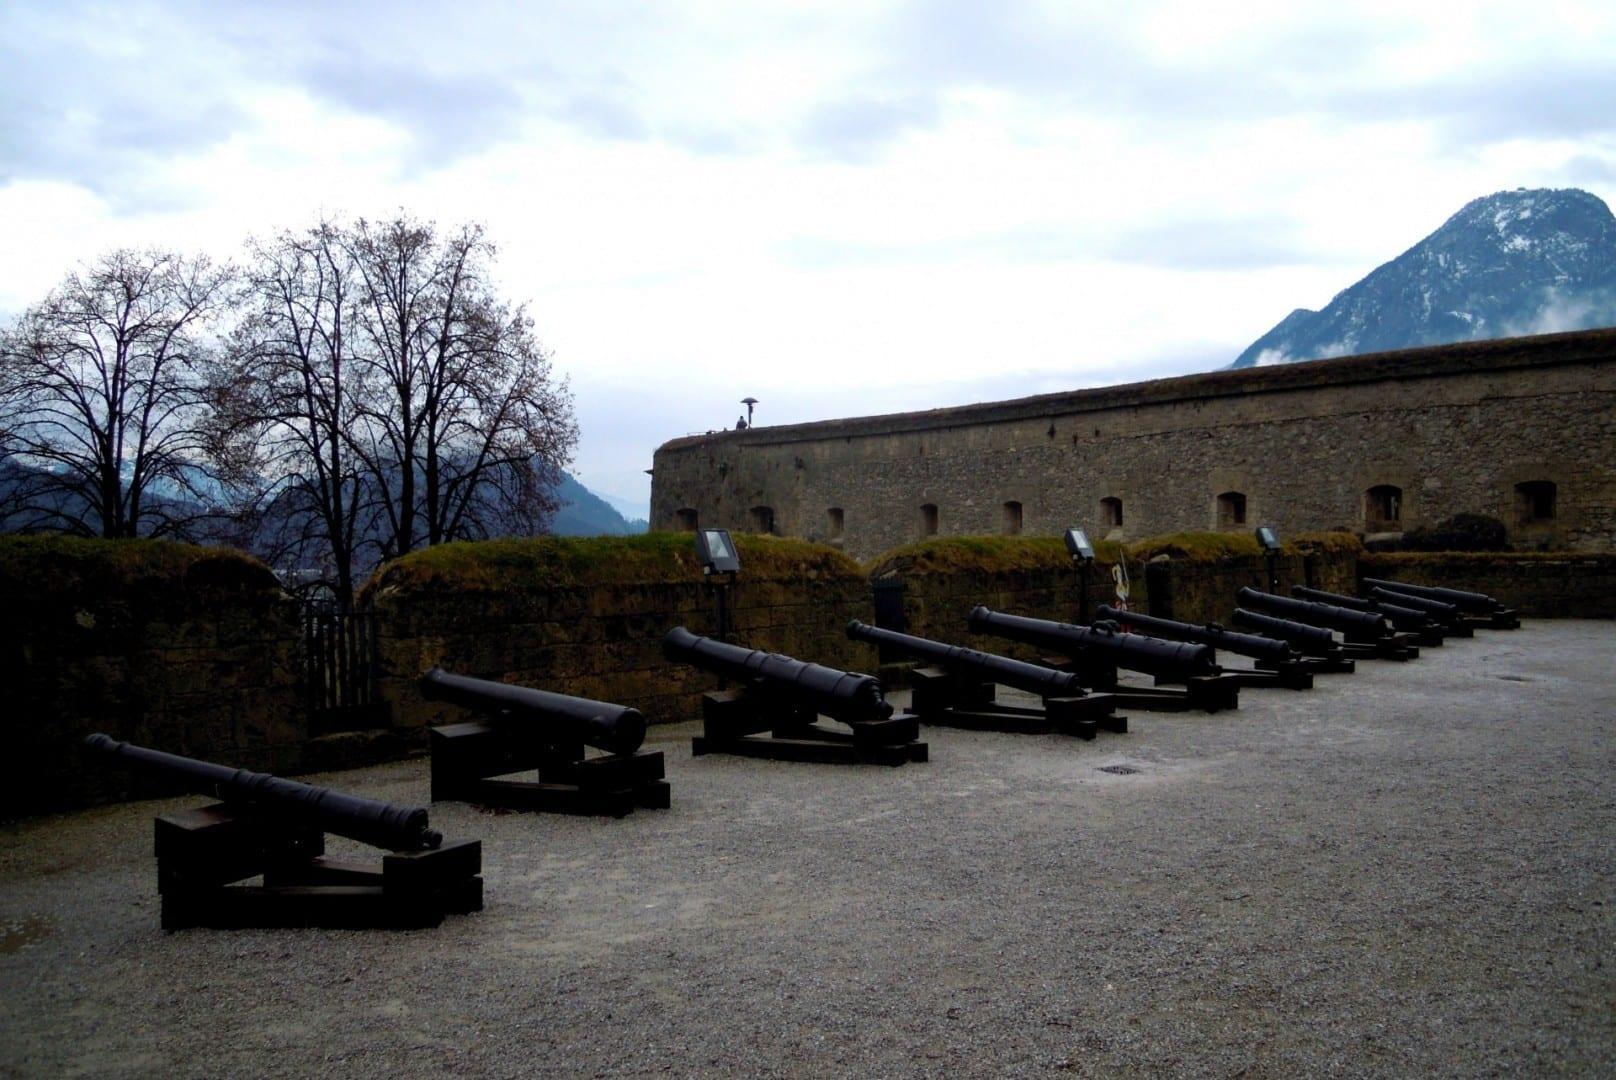 Piezas de artillería defendiendo la Fortaleza Kufstein, con las montañas alpinas al fondo. Kufstein Austria